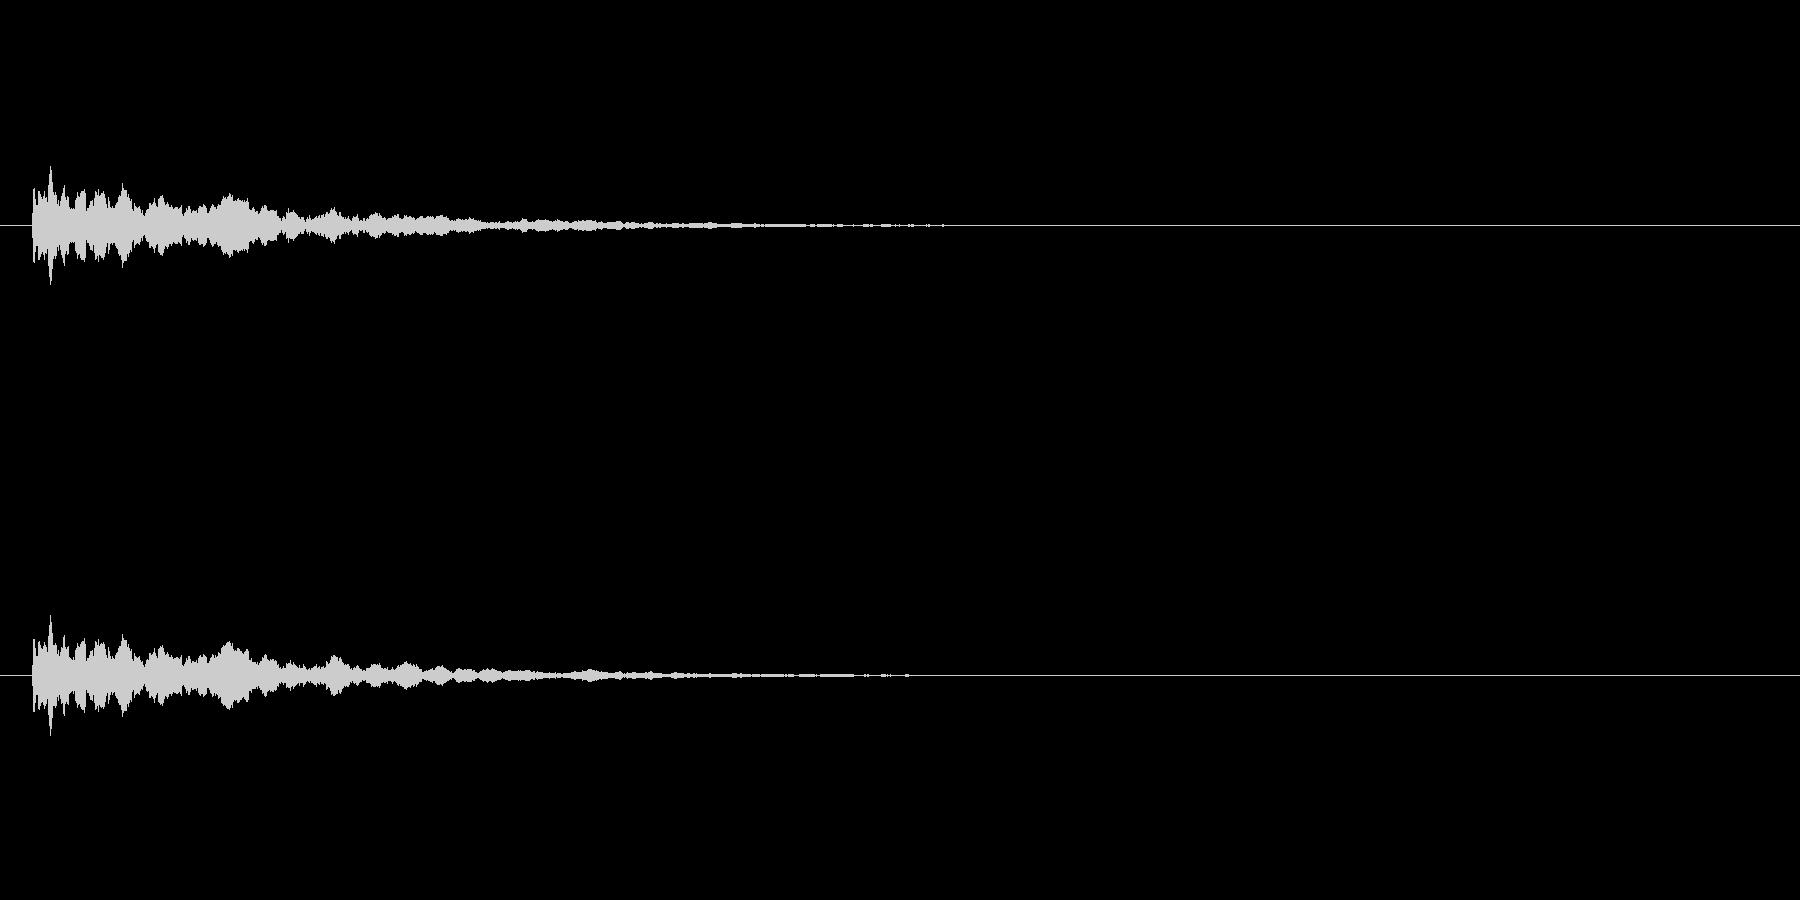 【アクセント09-3】の未再生の波形